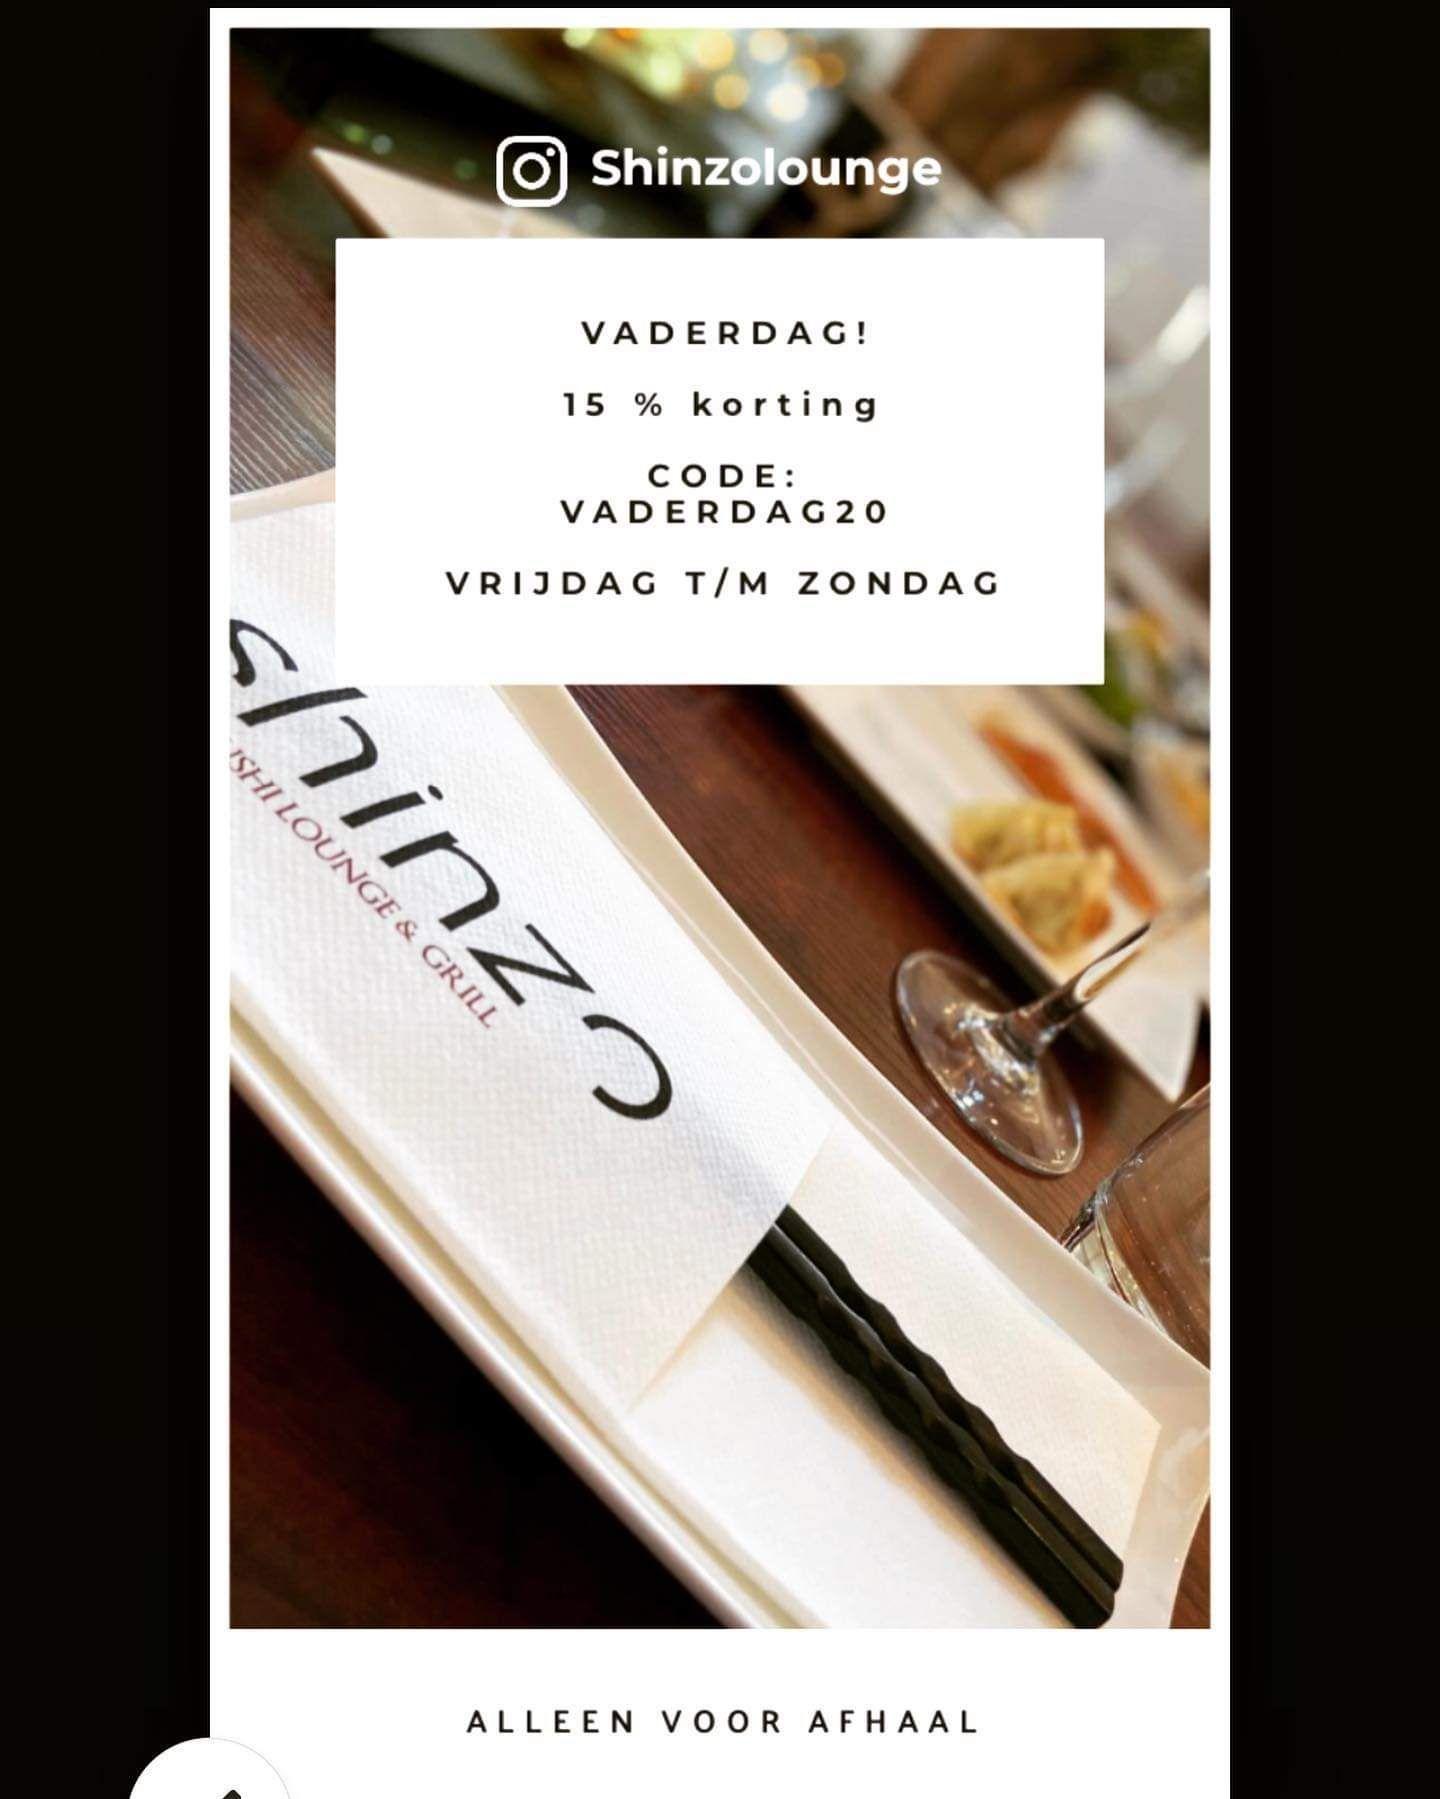 Shinzo sushi, 15% vaderdagkorting (bij afhalen) [Lokaal, Tilburg]